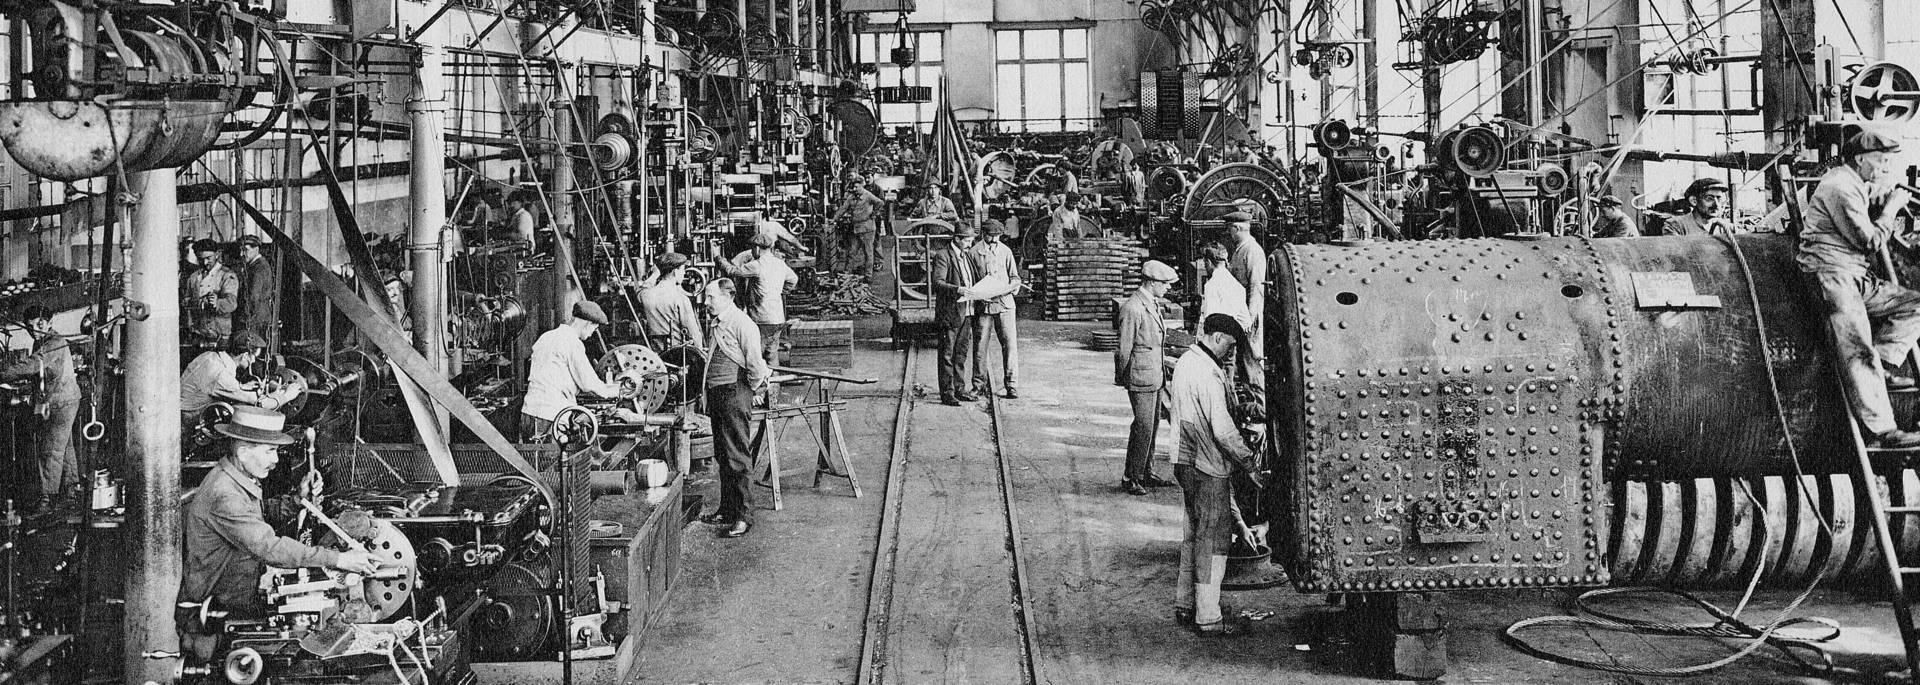 Les ateliers d'ajustage des houillères en 1927, Montceau-les-Mines. © CUCM, Service Écomusée, reproduction D. Busseuil.